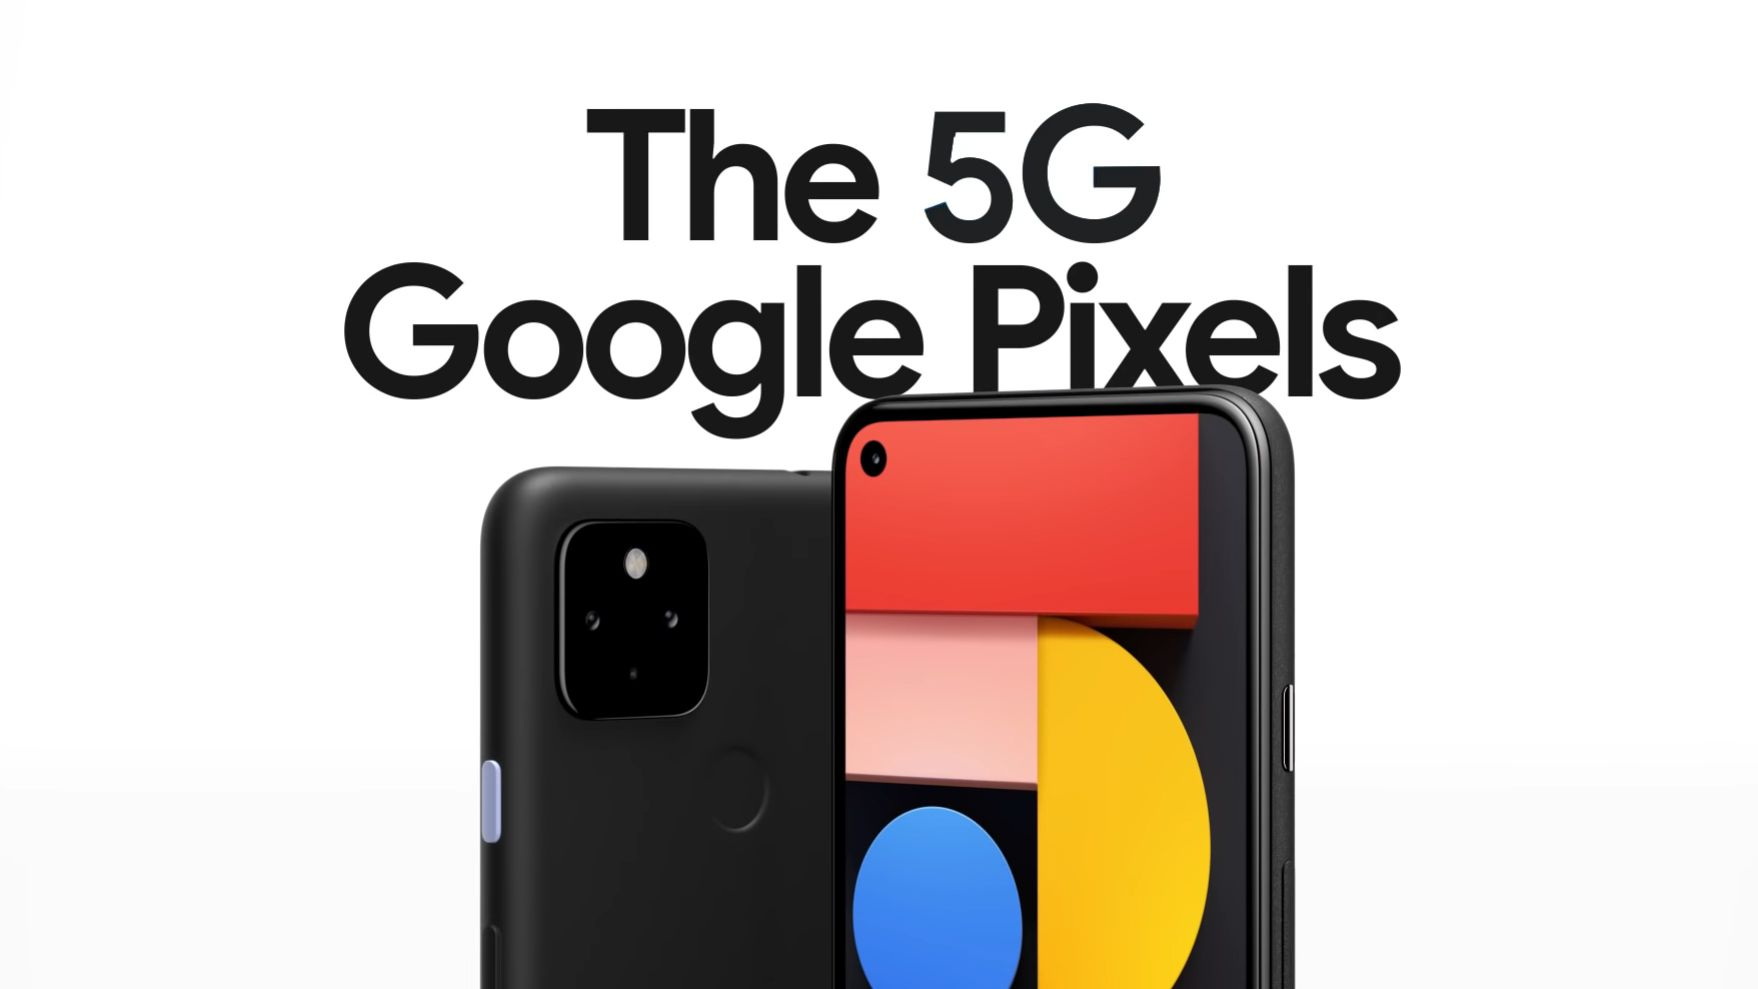 Google Pixel 5 e Pixel 4a 5G presentati ufficialmente: non sono dei top di gamma, ma sono i primi smartphone Google 5G